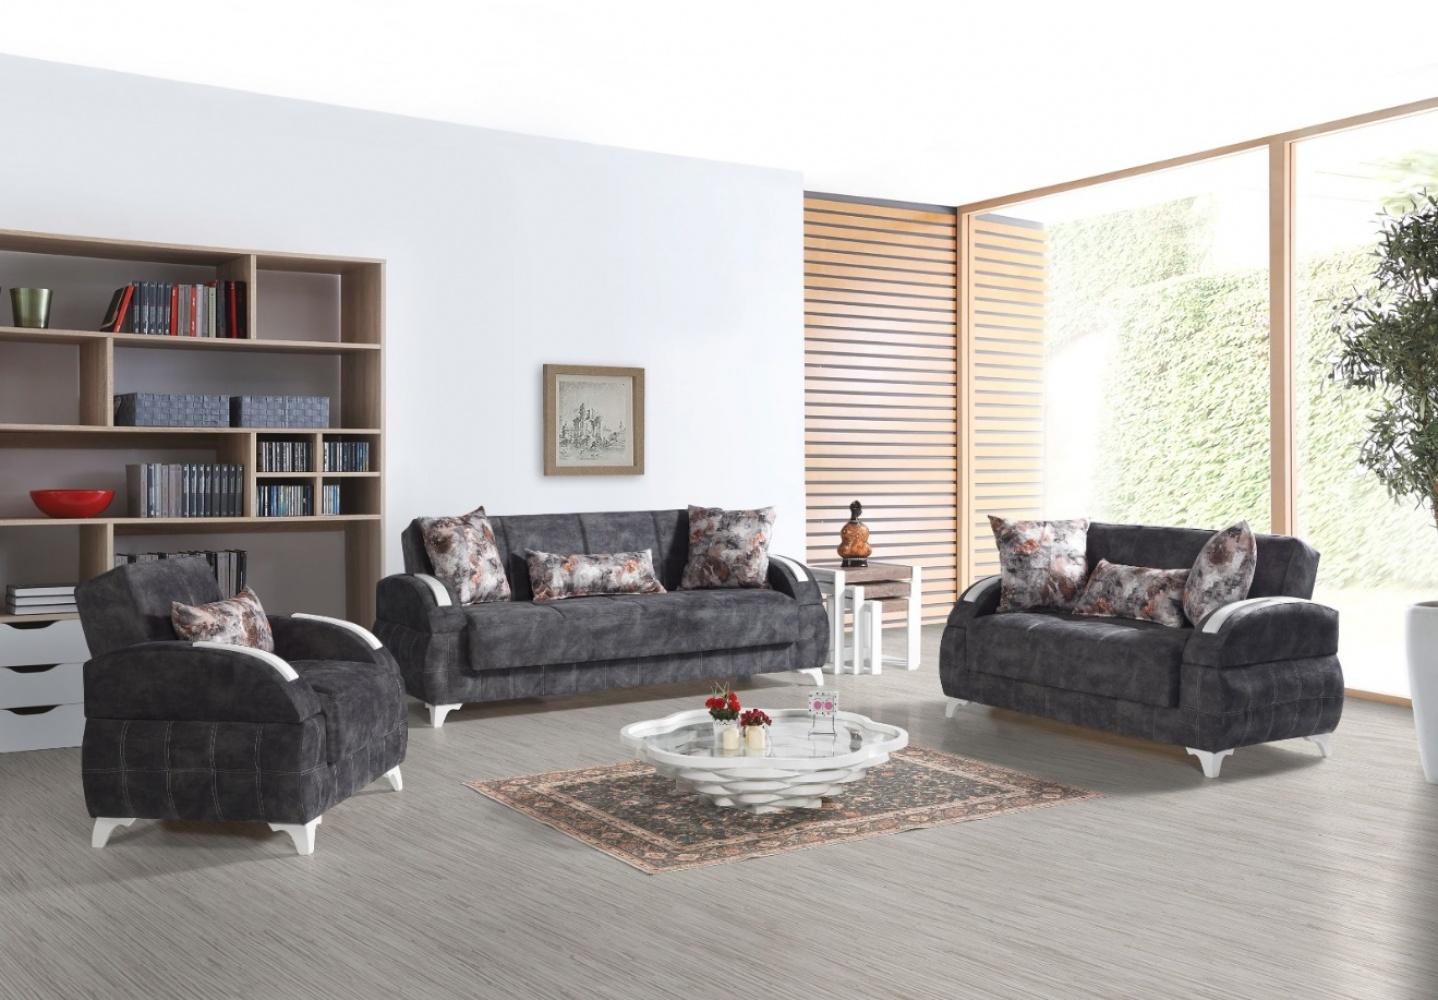 Full Size of Sofa Garnitur 3 Teilig Leder Ikea Couch Gebraucht Couchgarnitur Kaufen Poco Garnituren 3 2 1 3 2 Hersteller Kasper Wohndesign Schwarz Mit Schlaffunktion In Sofa Sofa Garnitur